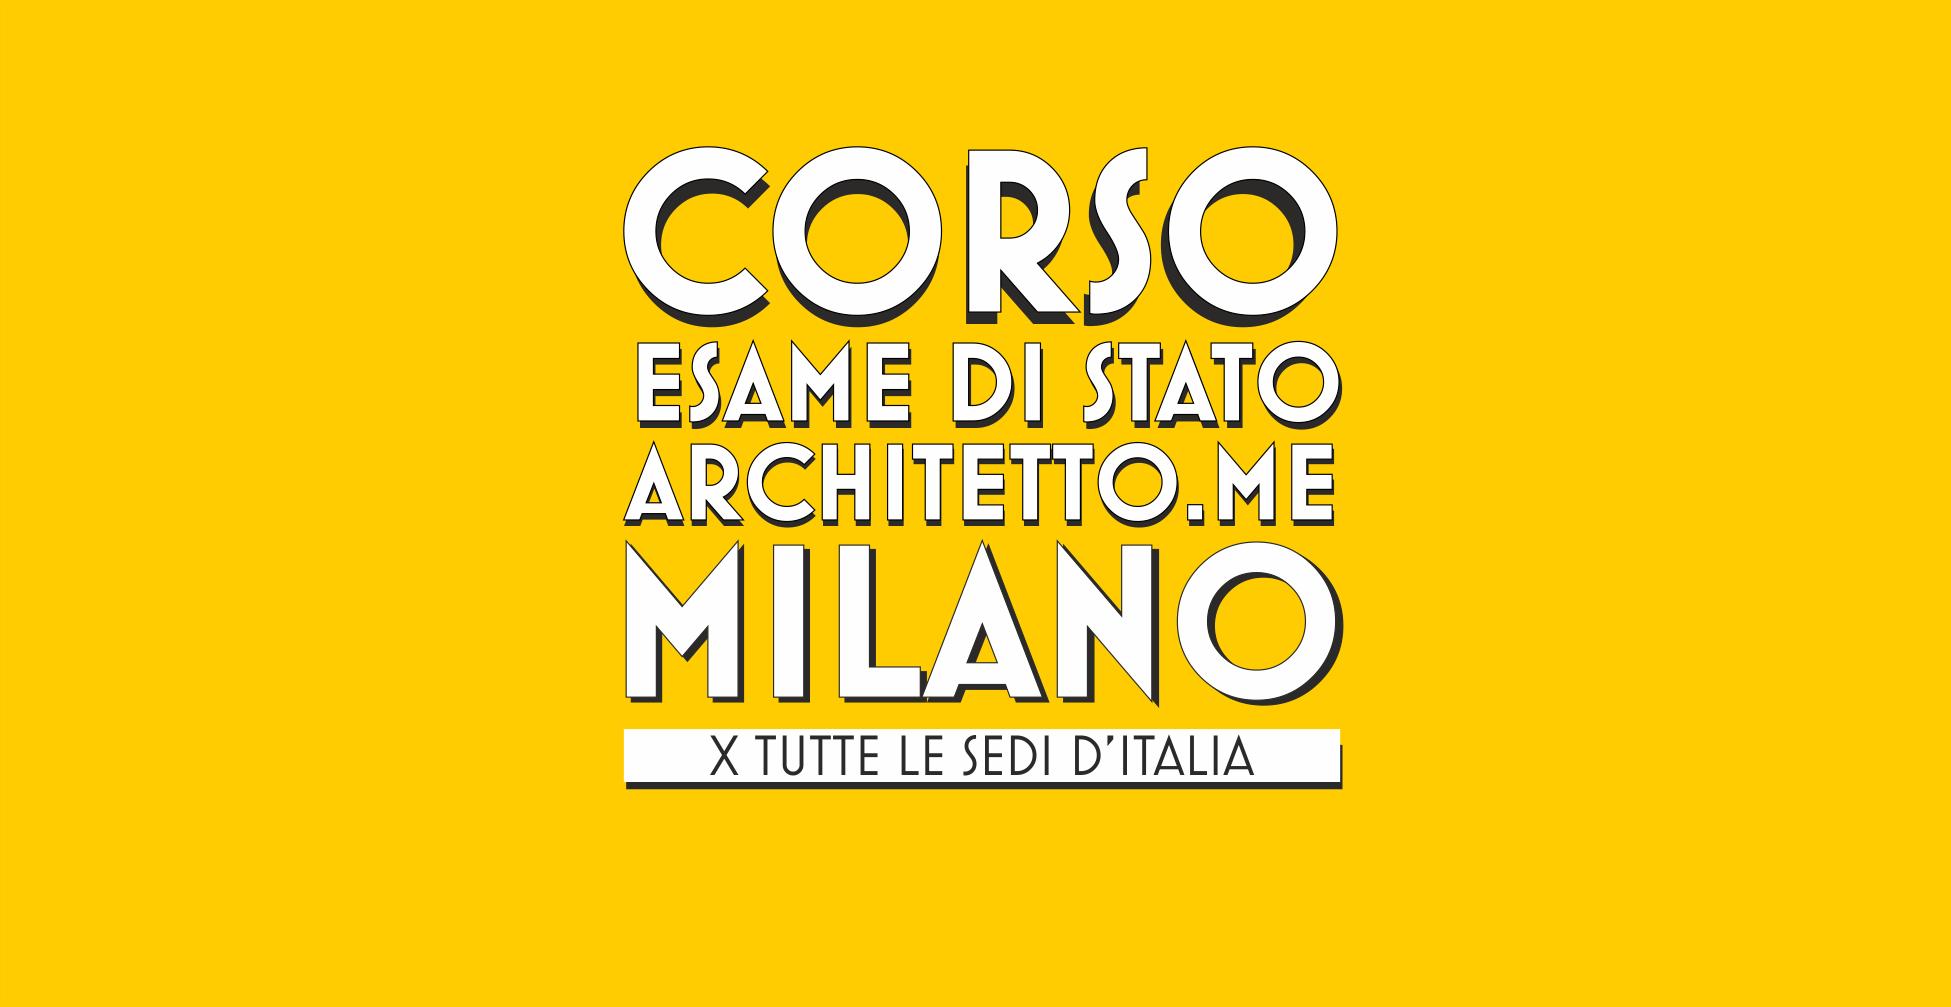 Corso esame di stato architetto frontale a milano corso for Lavoro architetto milano